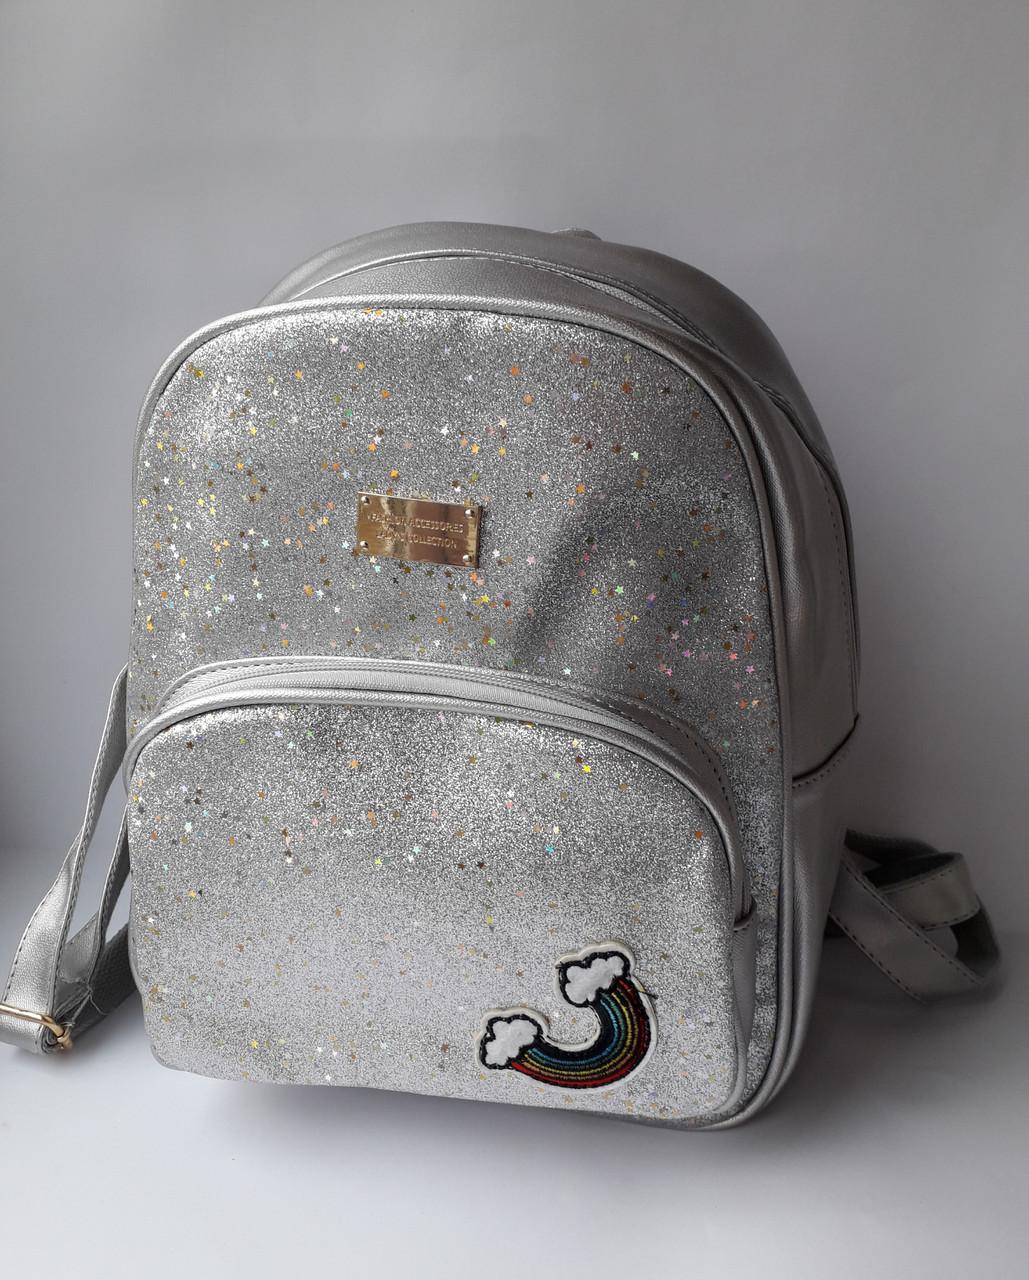 Рюкзак городской молодежный из кожзама серебристый